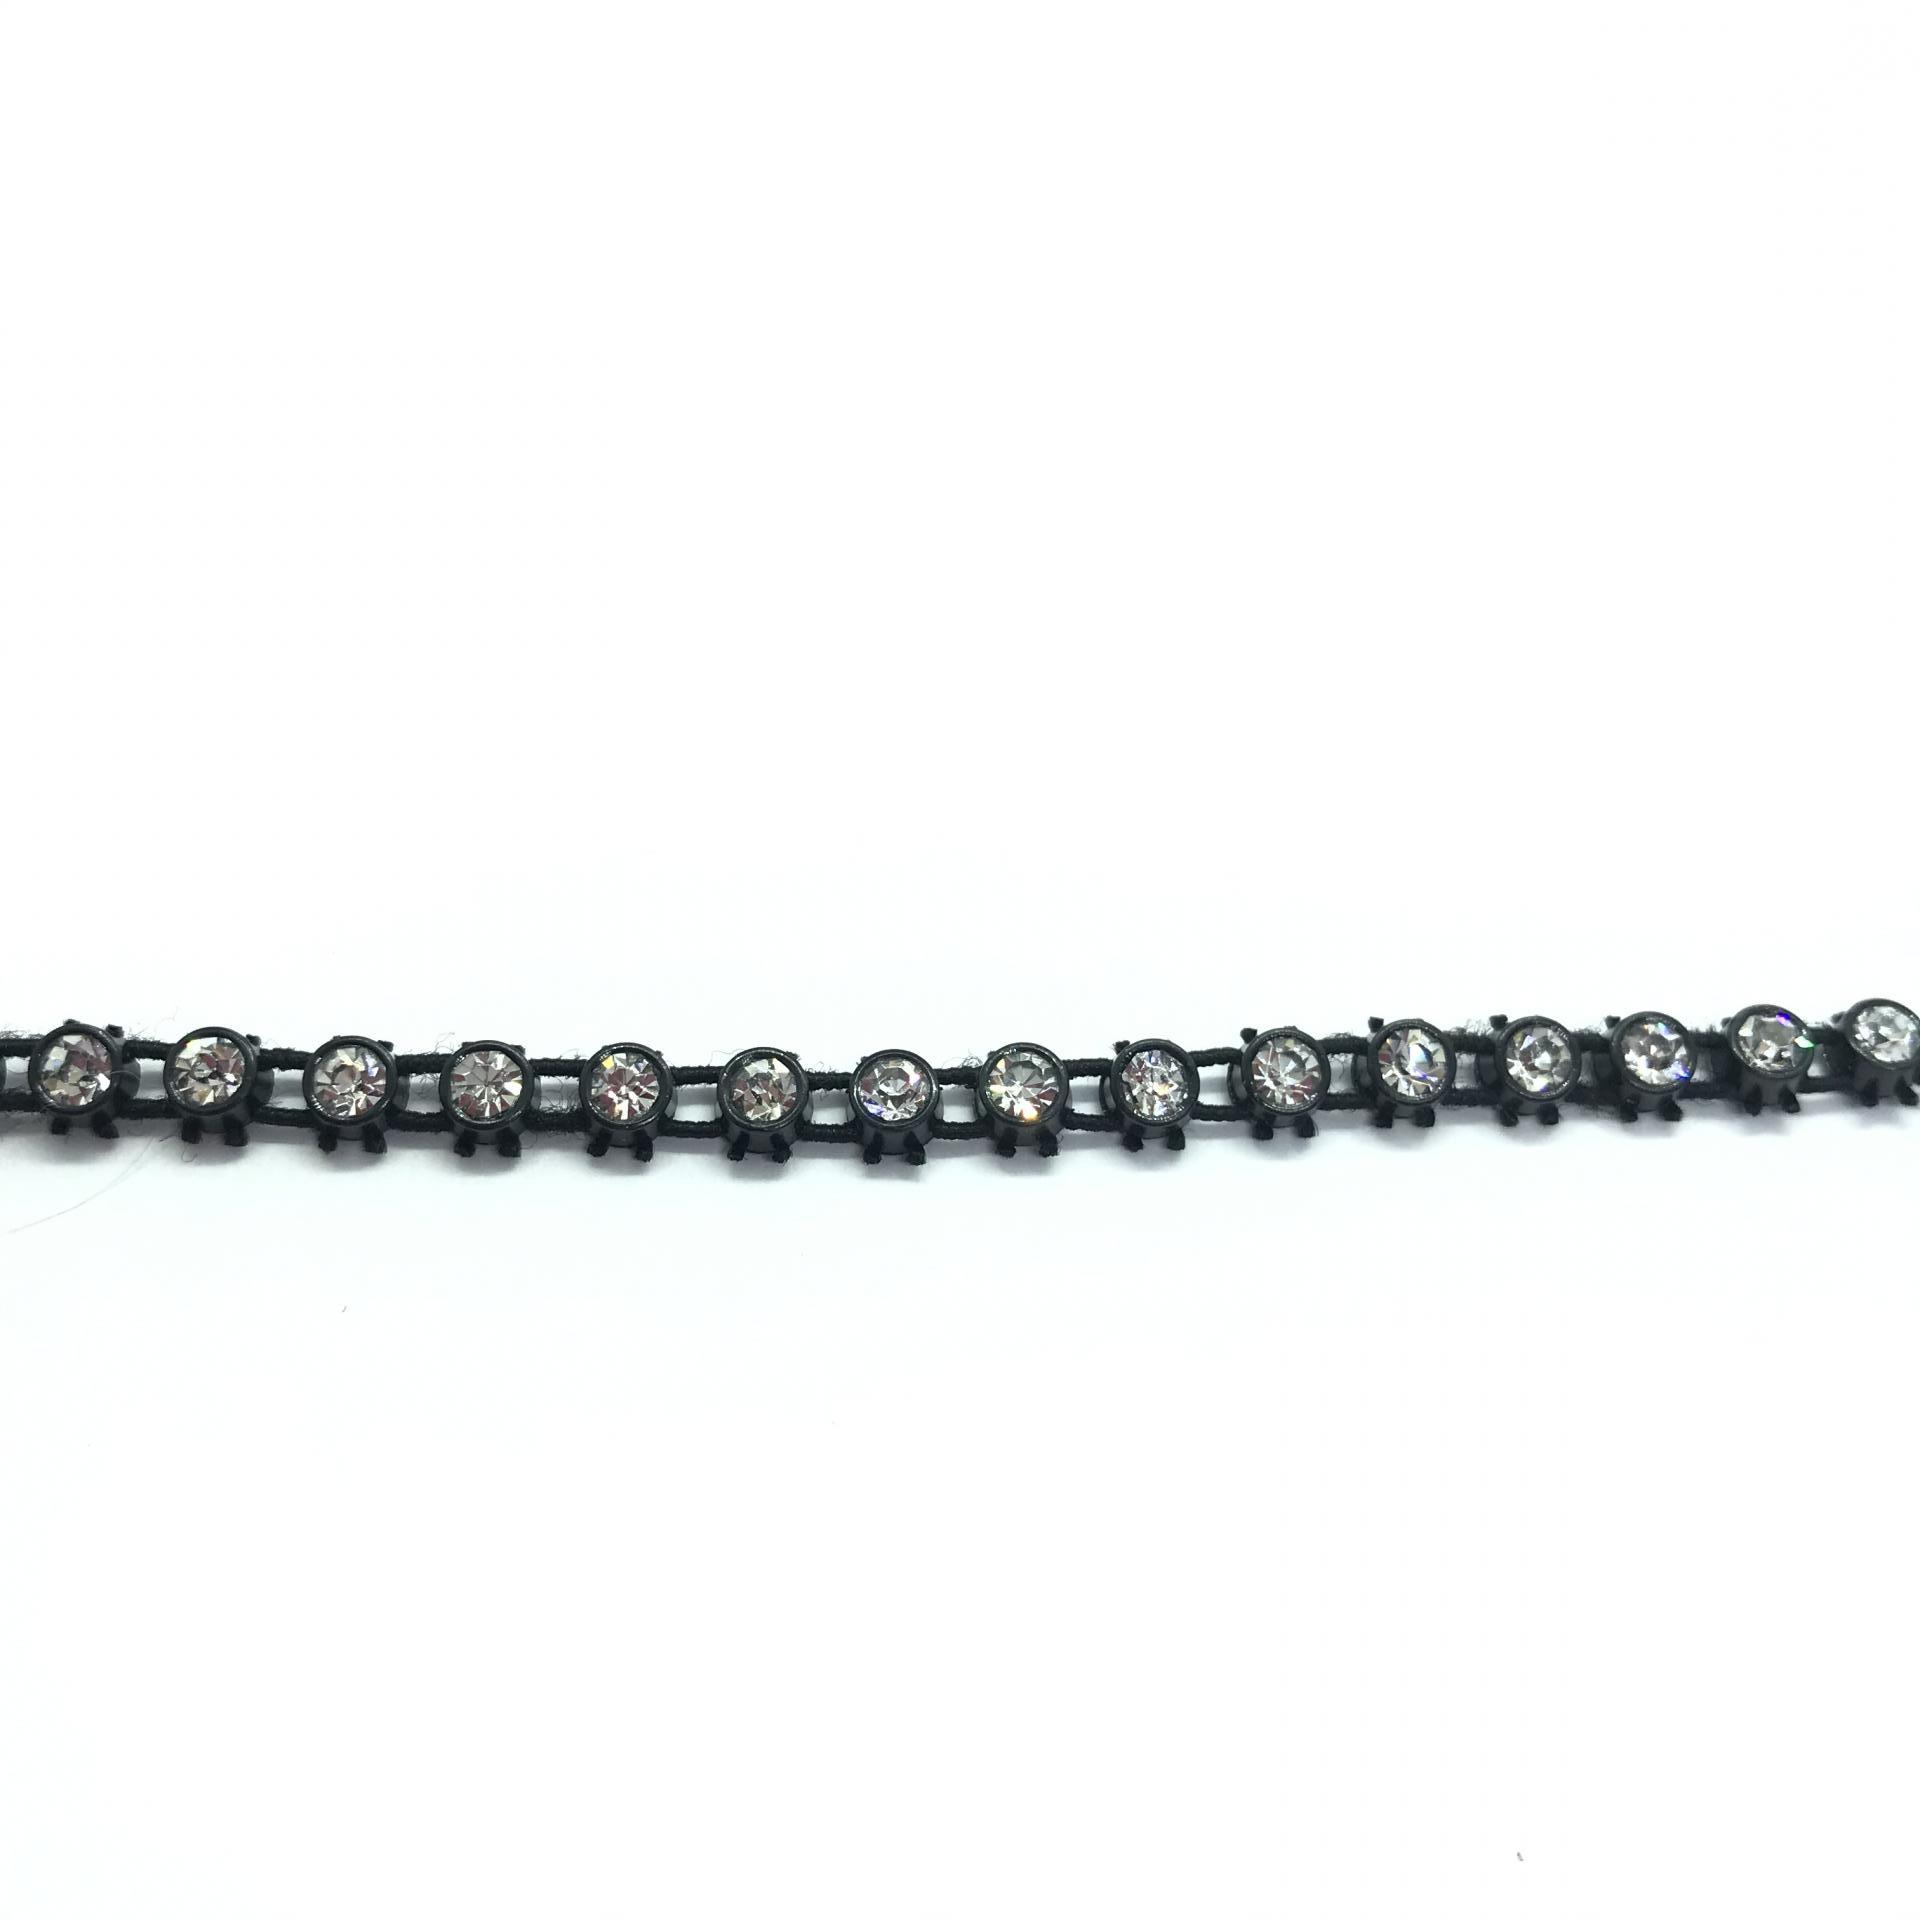 Galon de strass elastique a coudre cristal base plastique noir 3mm